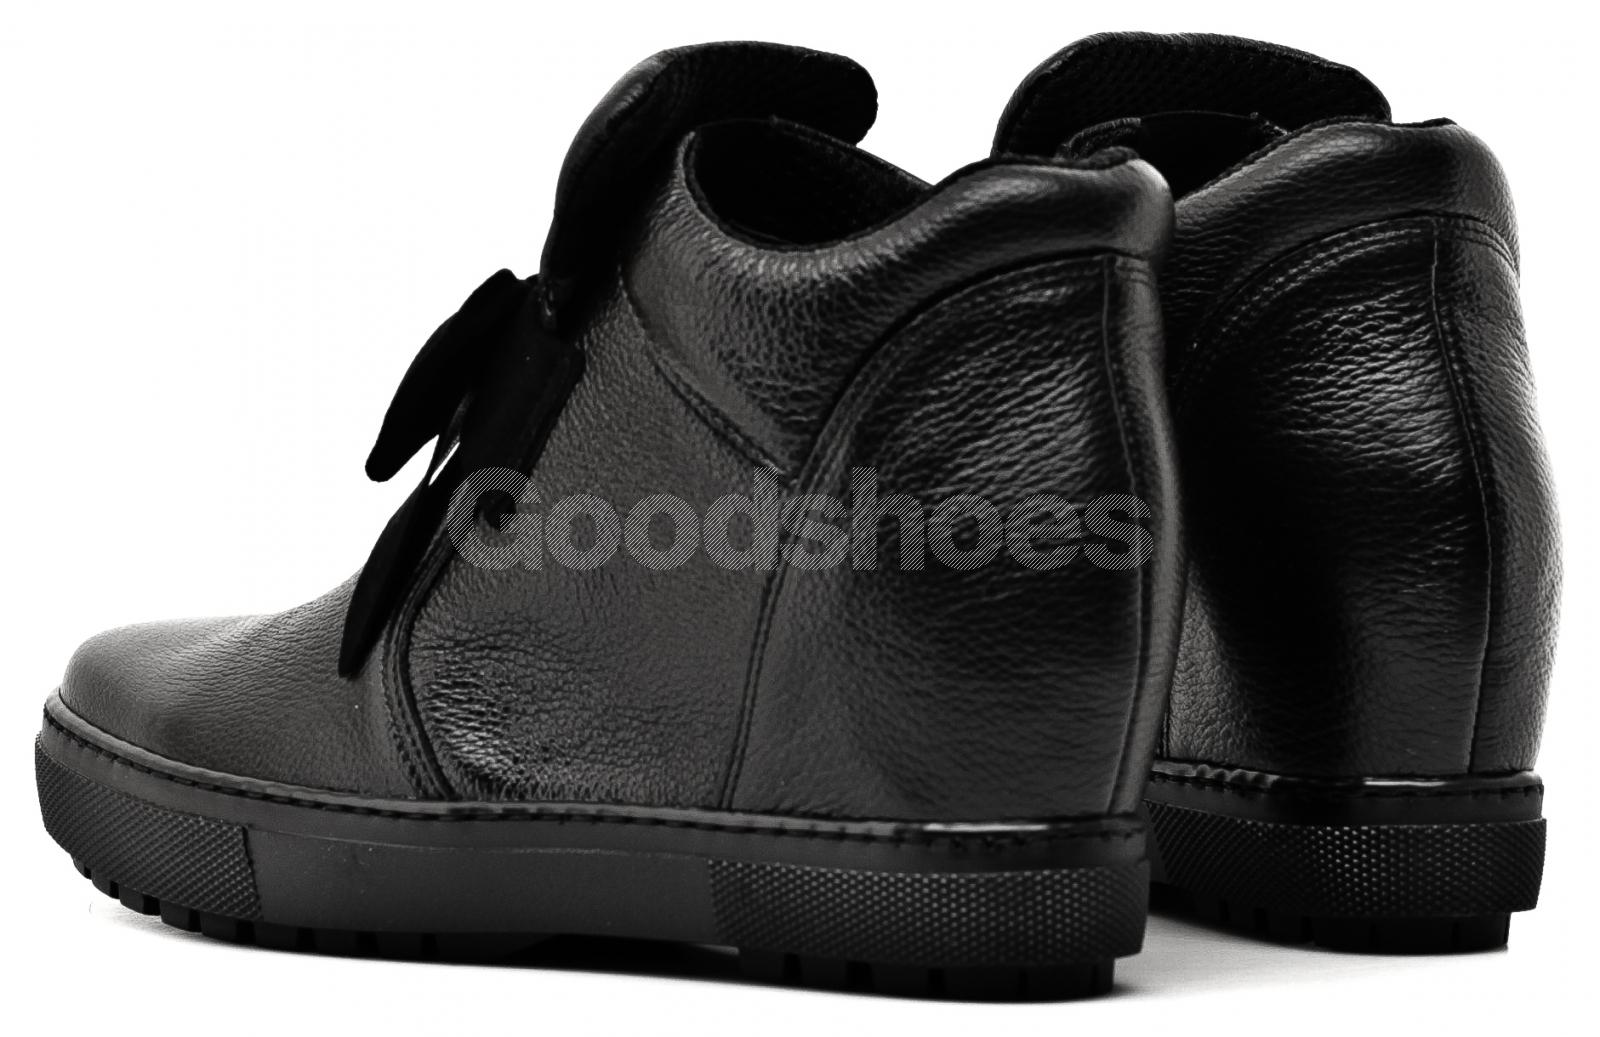 30c936bec7c3e ... Sneakersy Damskie Venezia Czarne Skórzane 04 1073I PEL NER ...